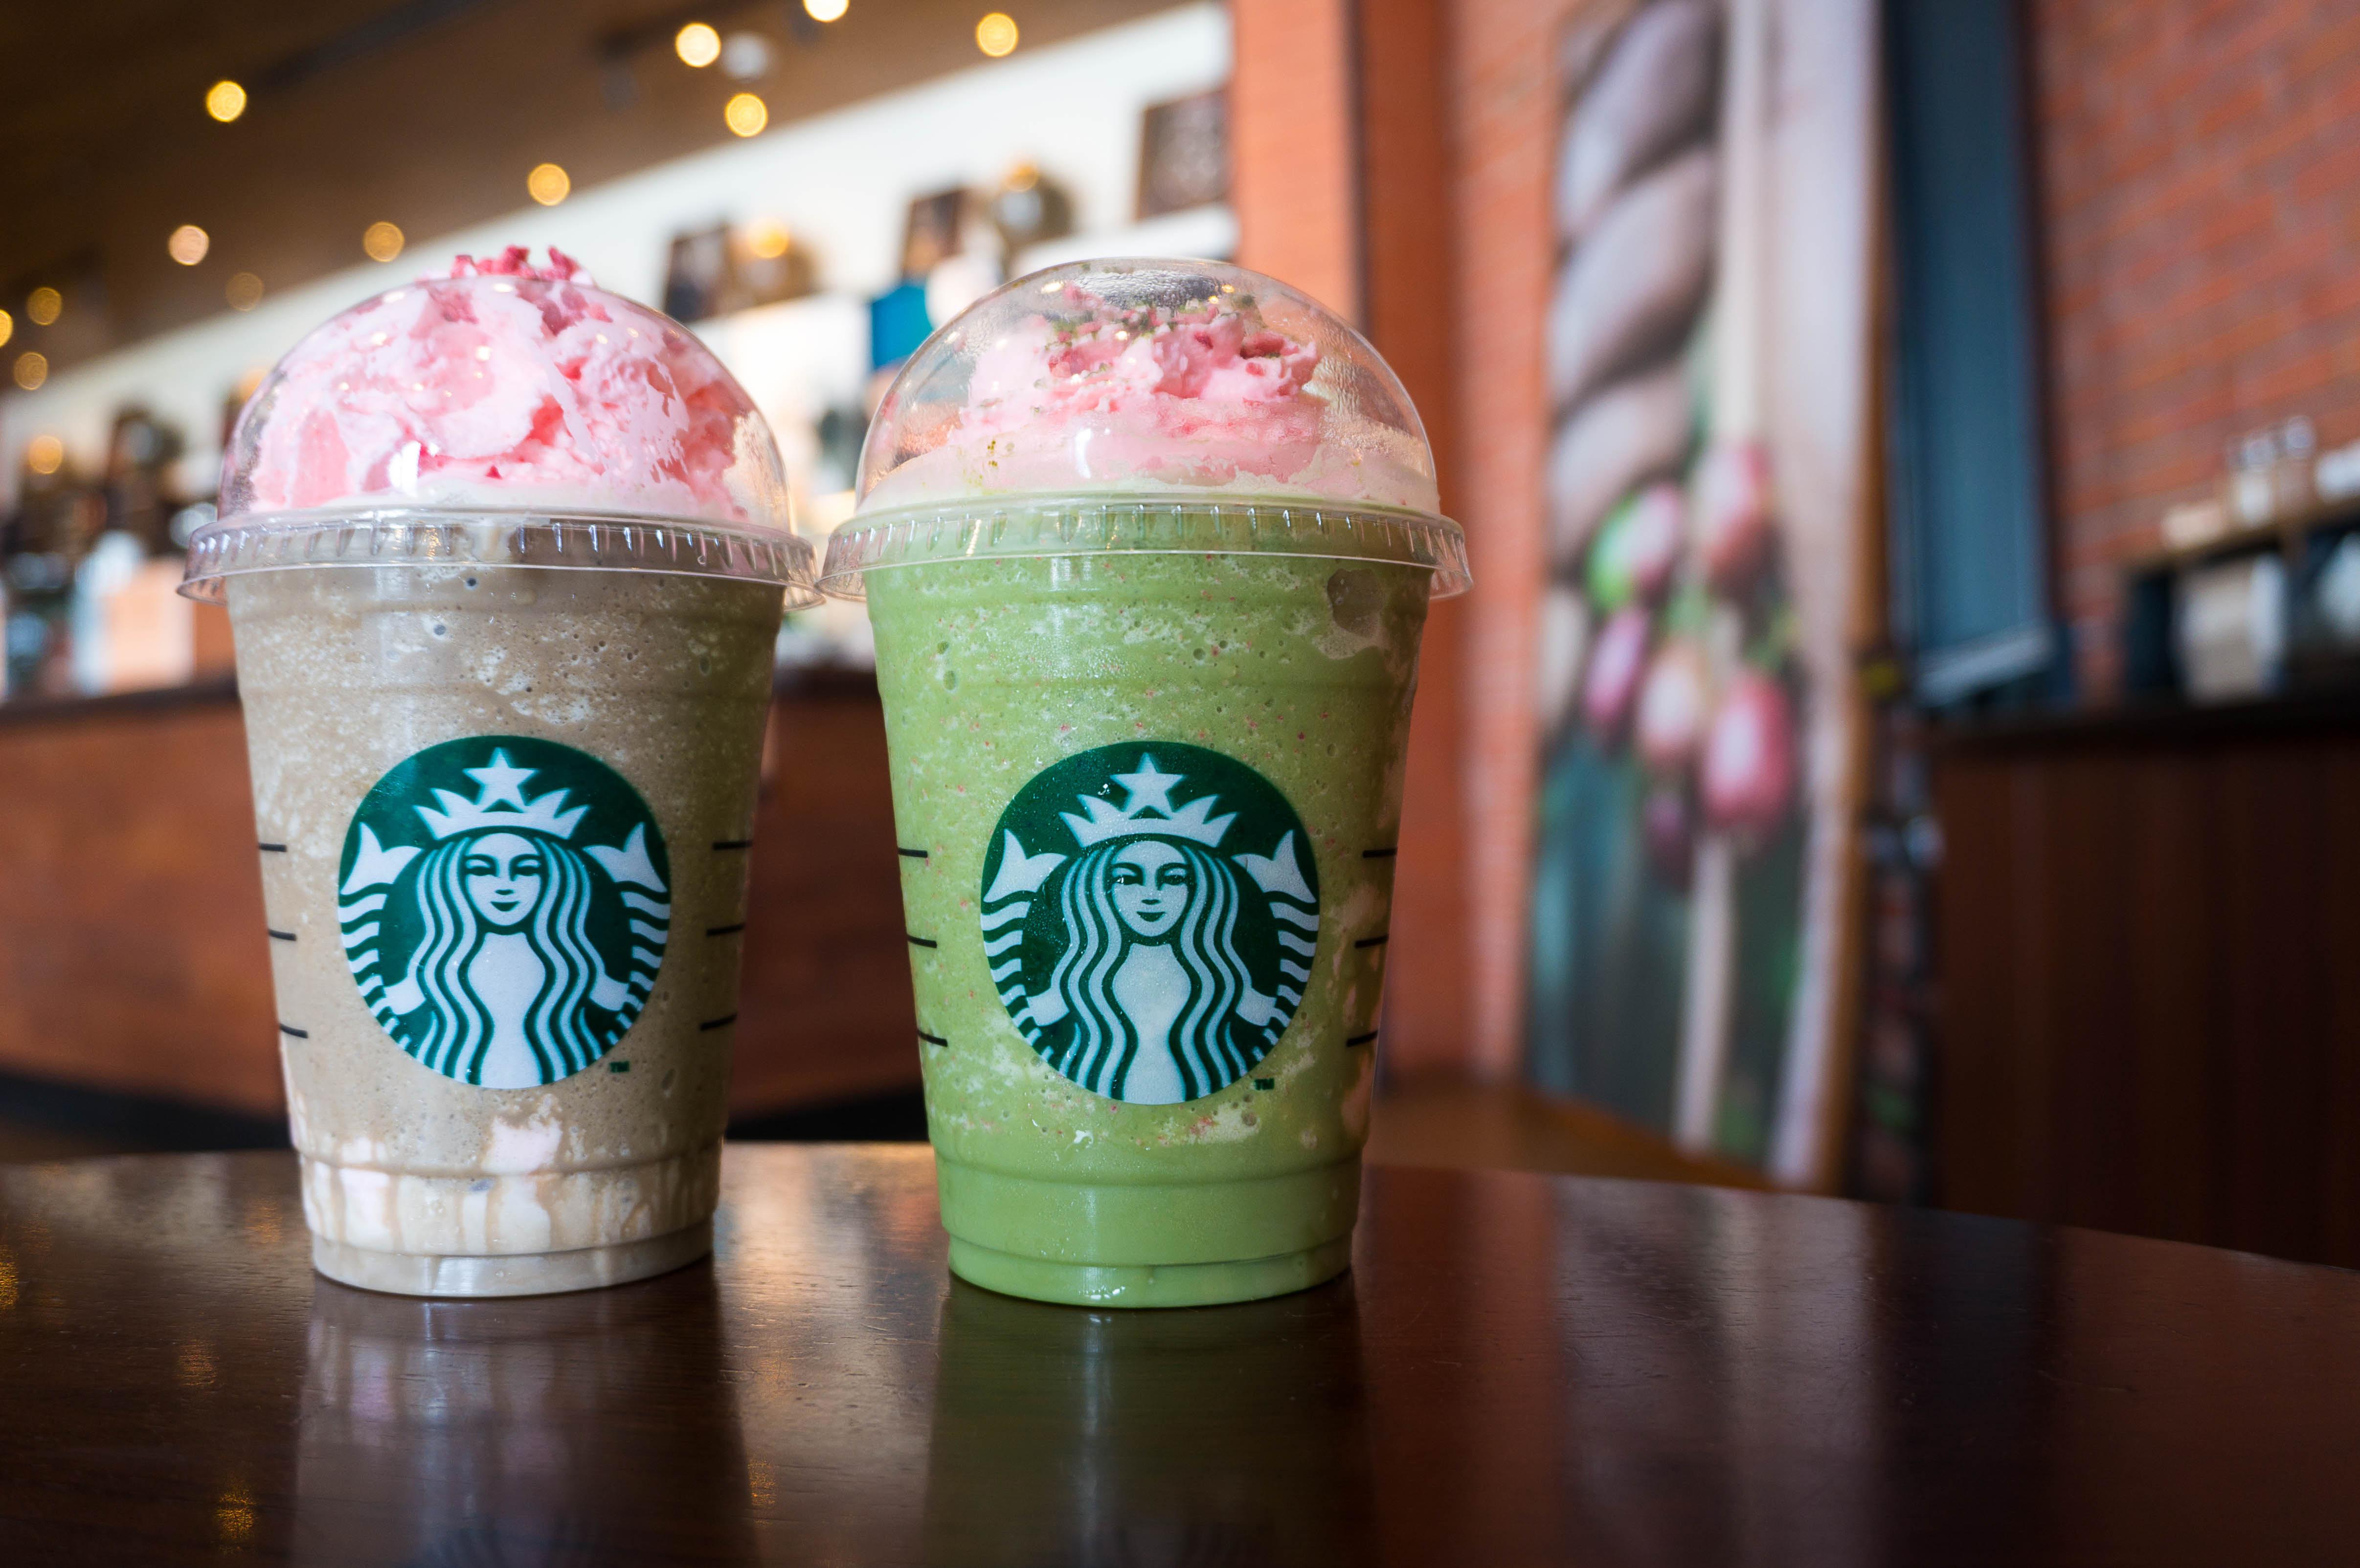 Green Tea Strawberry Blossom Frappuccino and Hojicha Strawberry Blossom Frappuccino